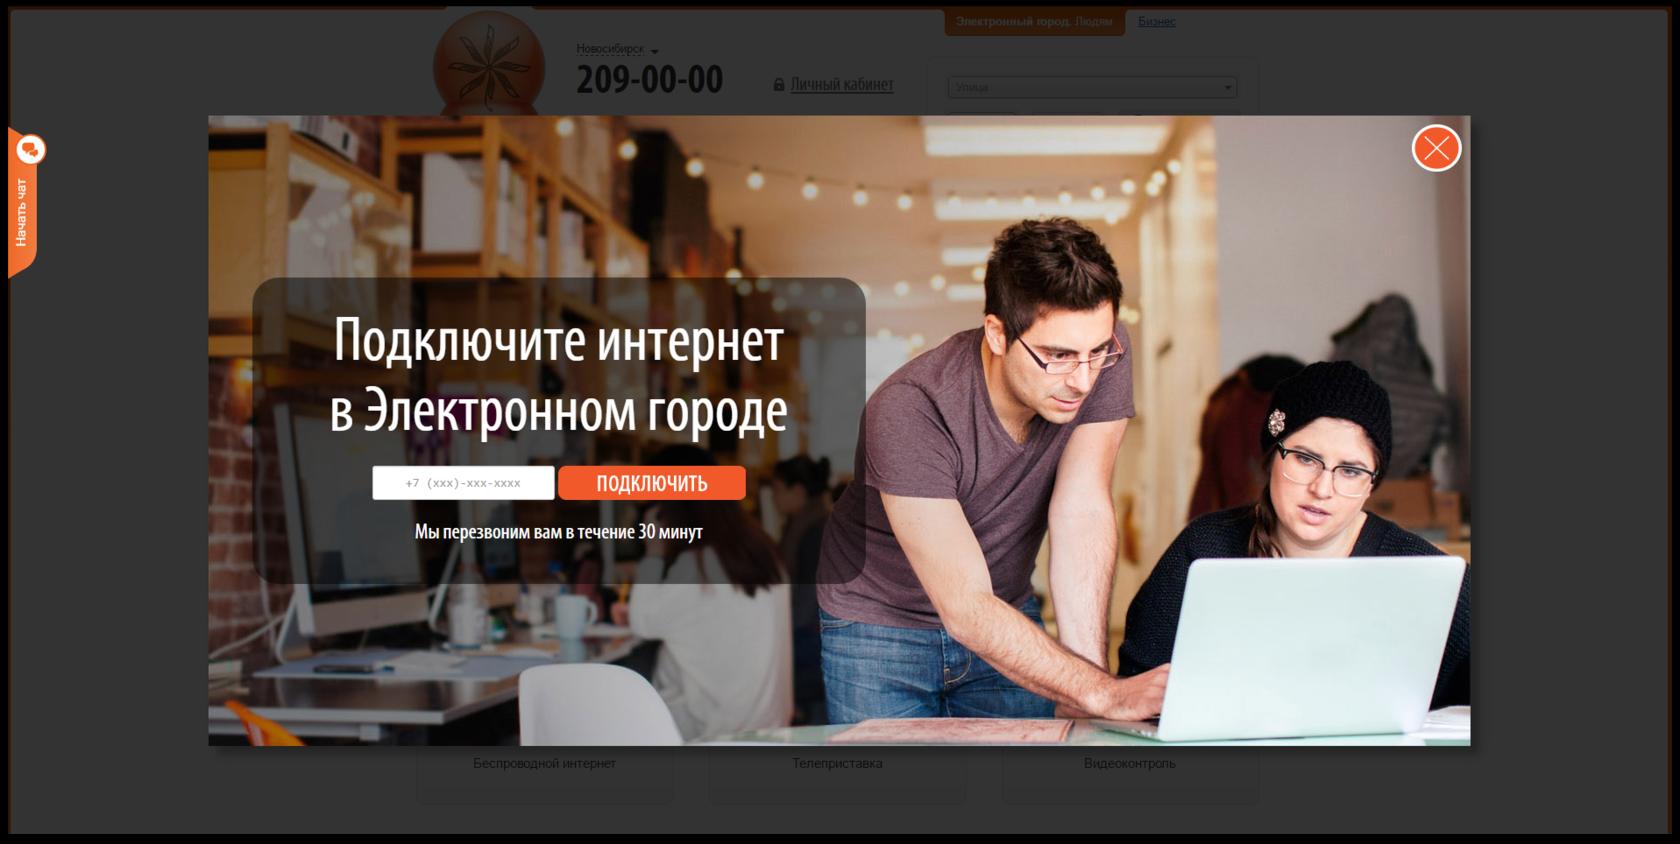 SobakaPav.ru | Всплывающее окно с предложением о подключении интернета